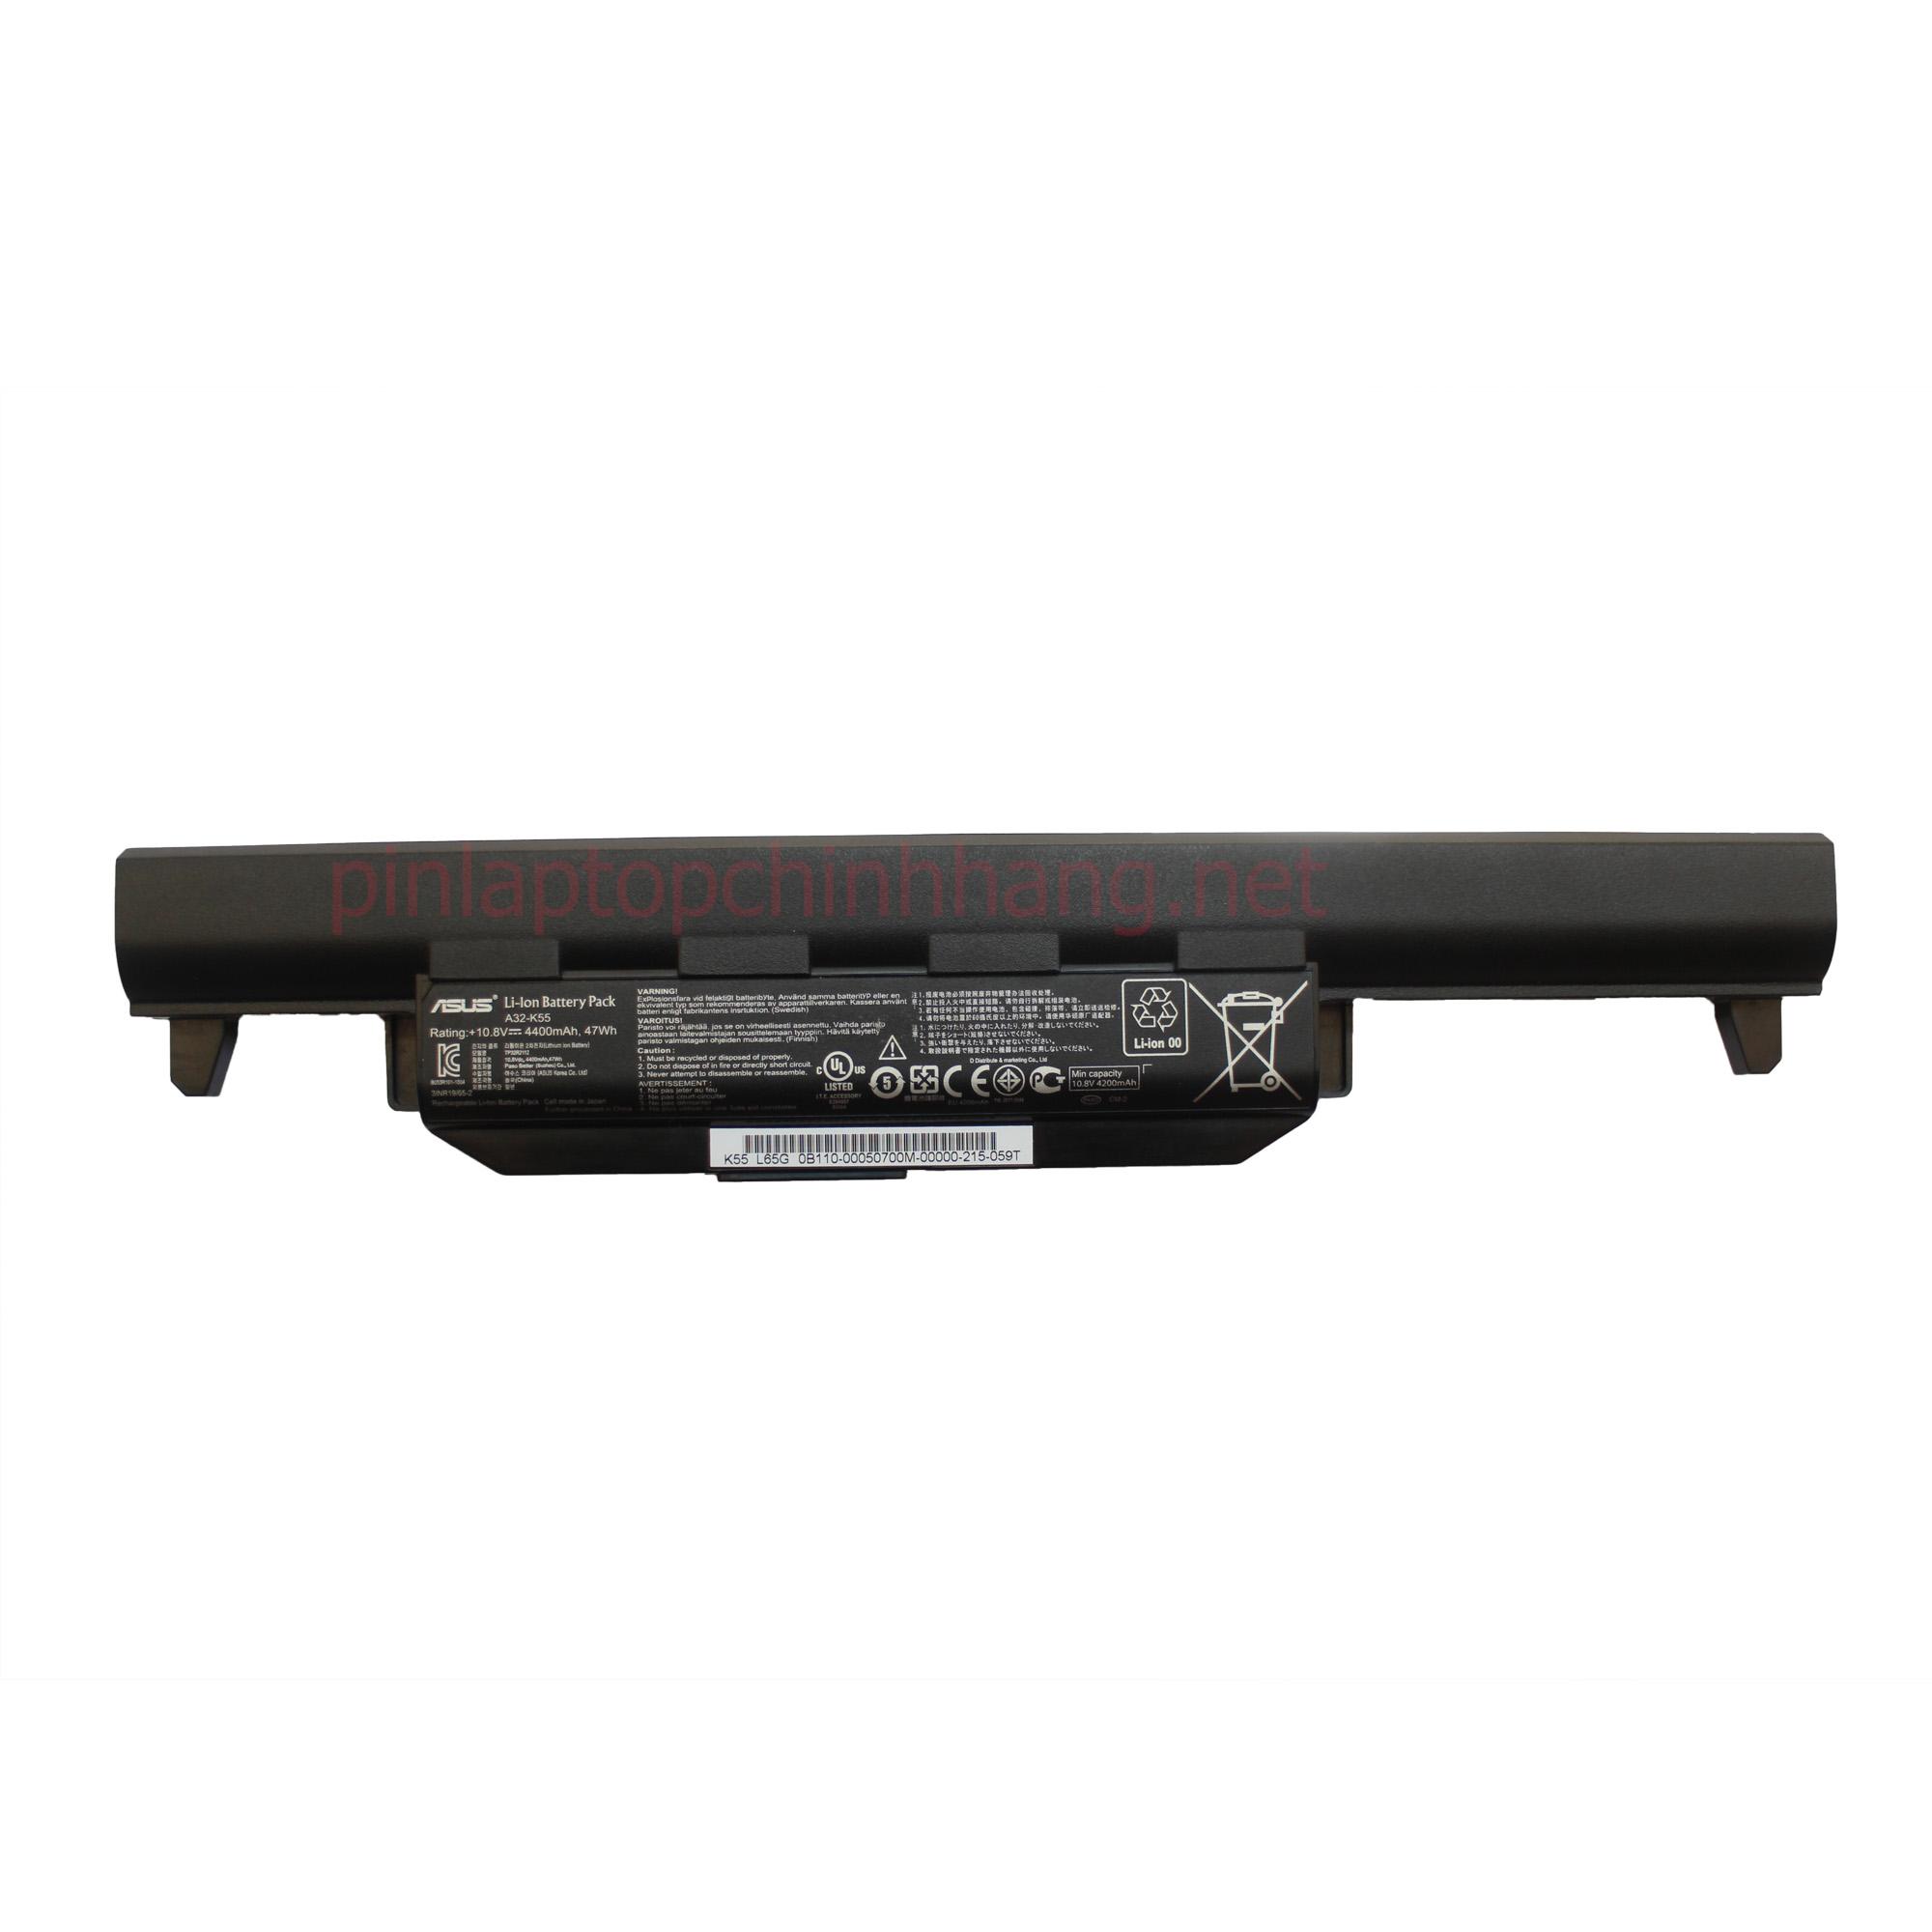 Battery (Pin) laptop chính hãng ASUS A45 A55 A75 K45 K55 K55A K55D K55DE K55DR K55N K75 A32-K55 A32-K55X